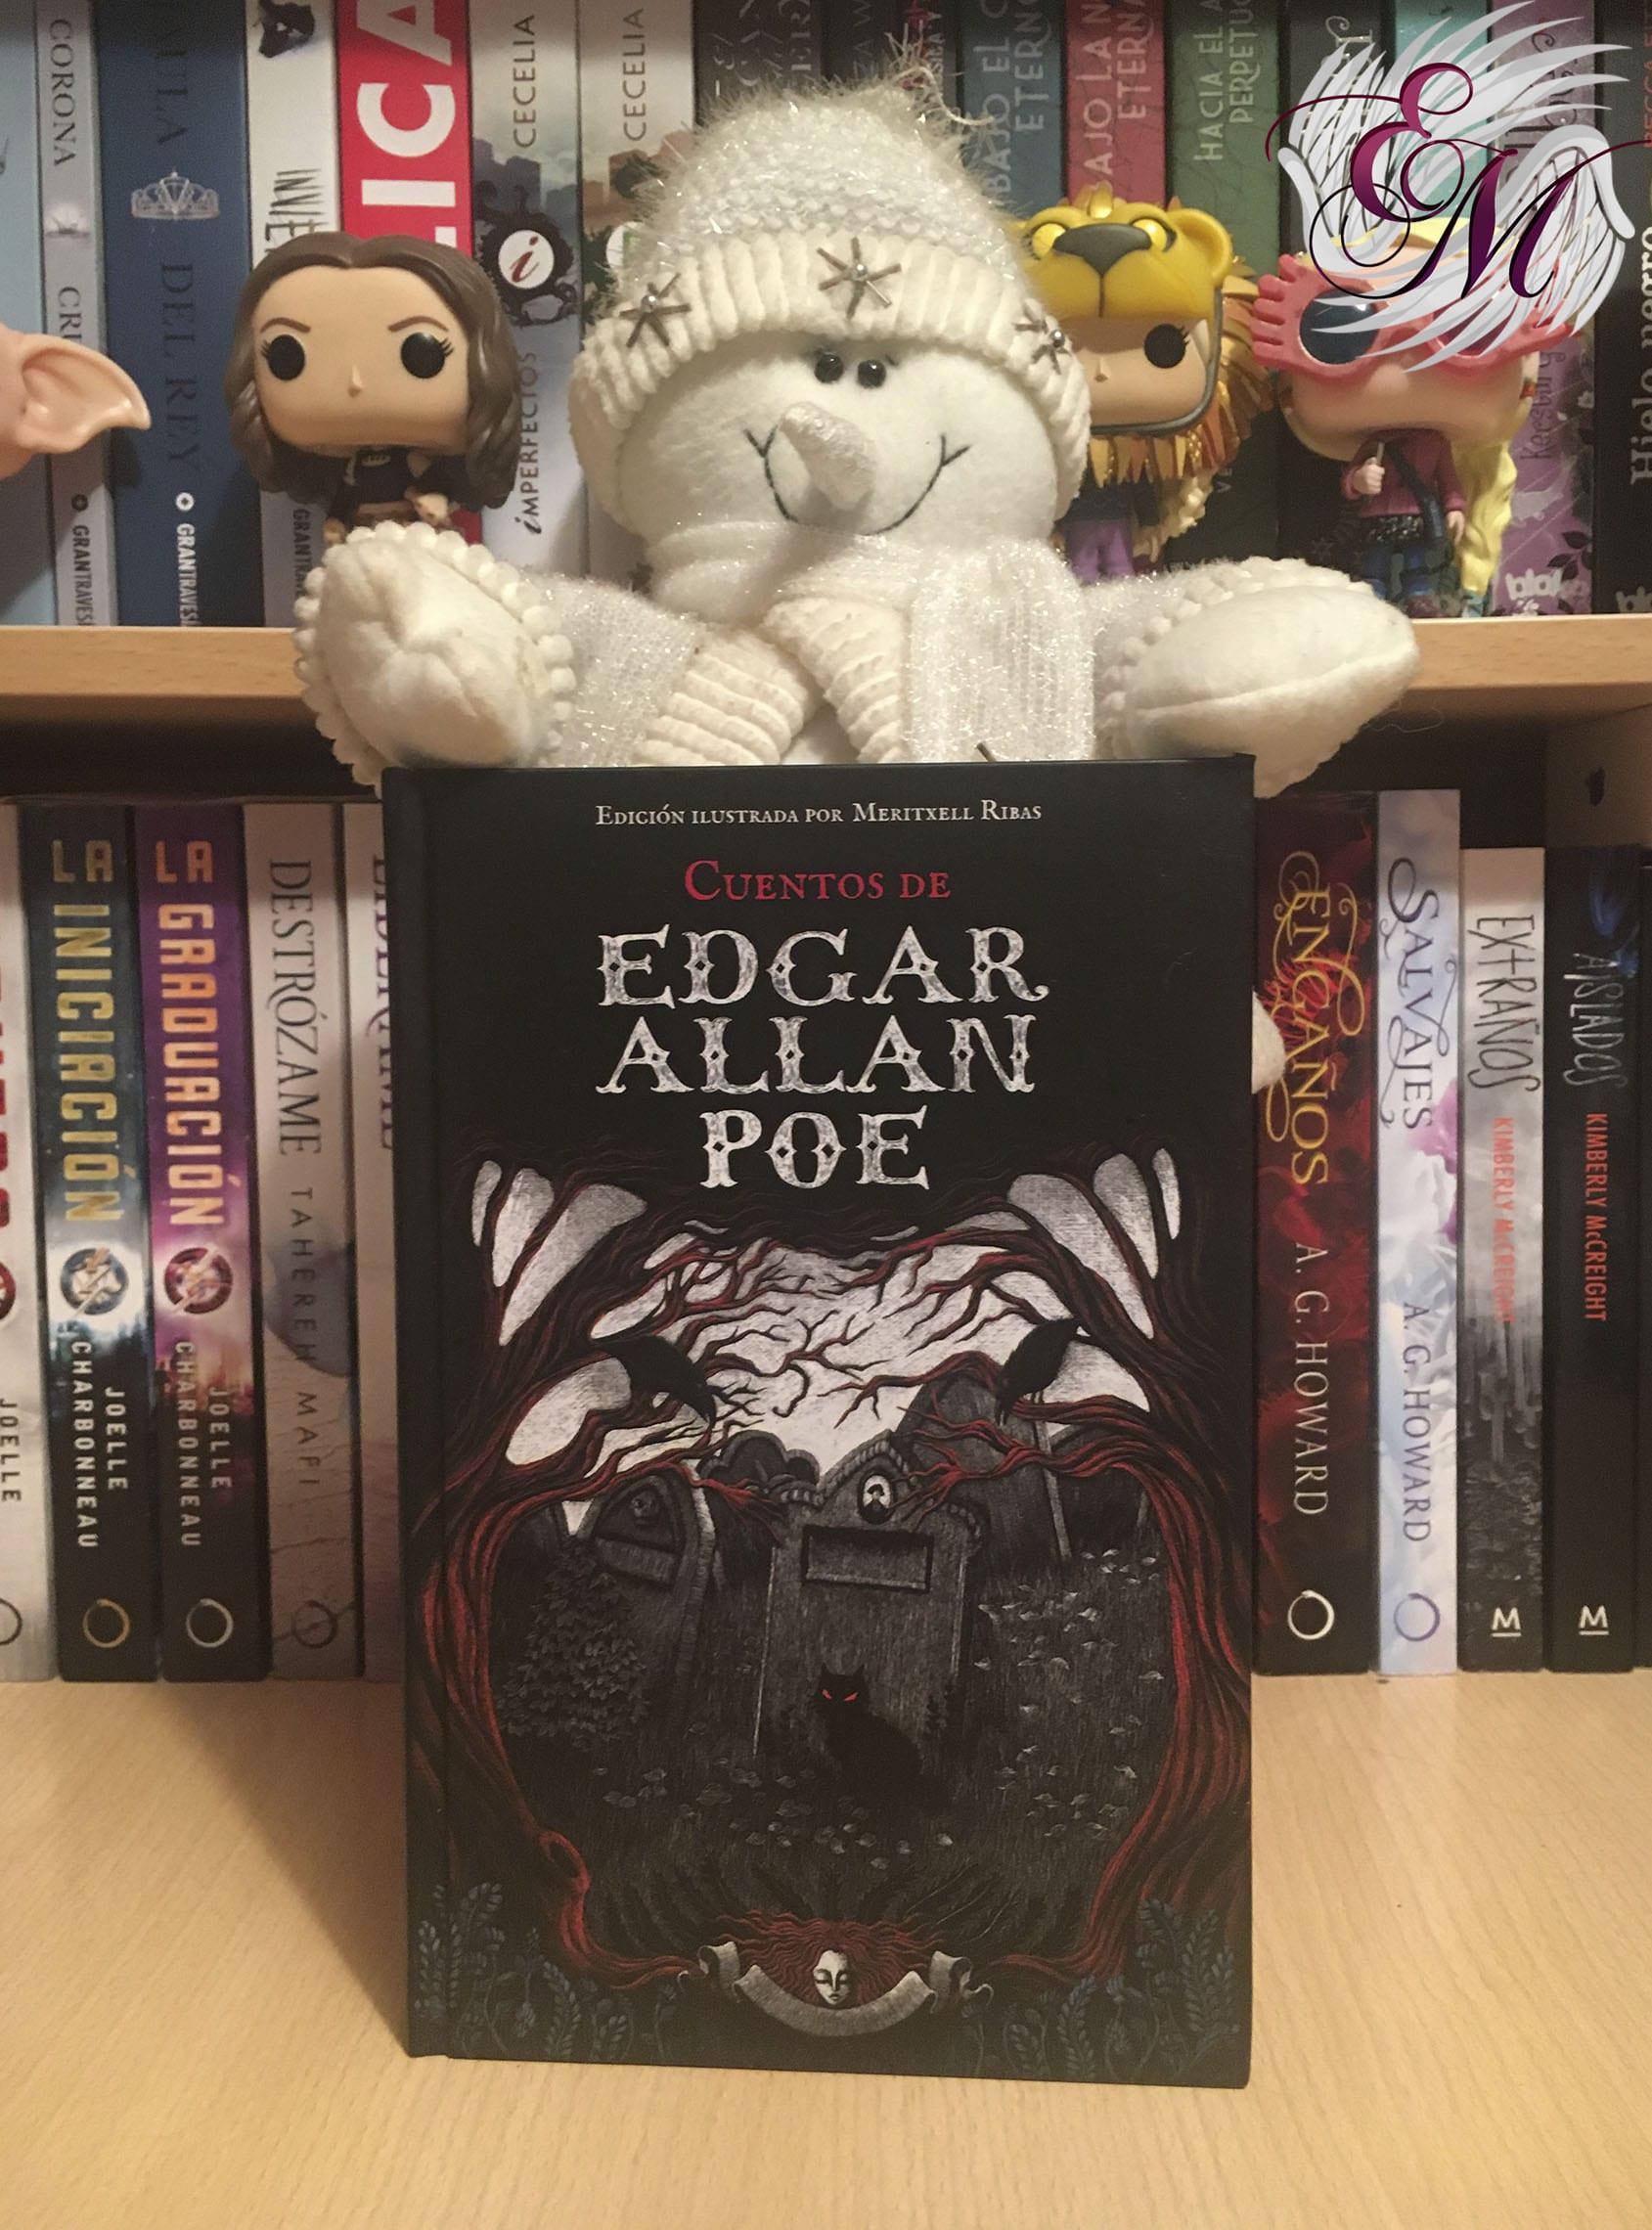 Cuentos de Edgar Allan Poe - Reseña